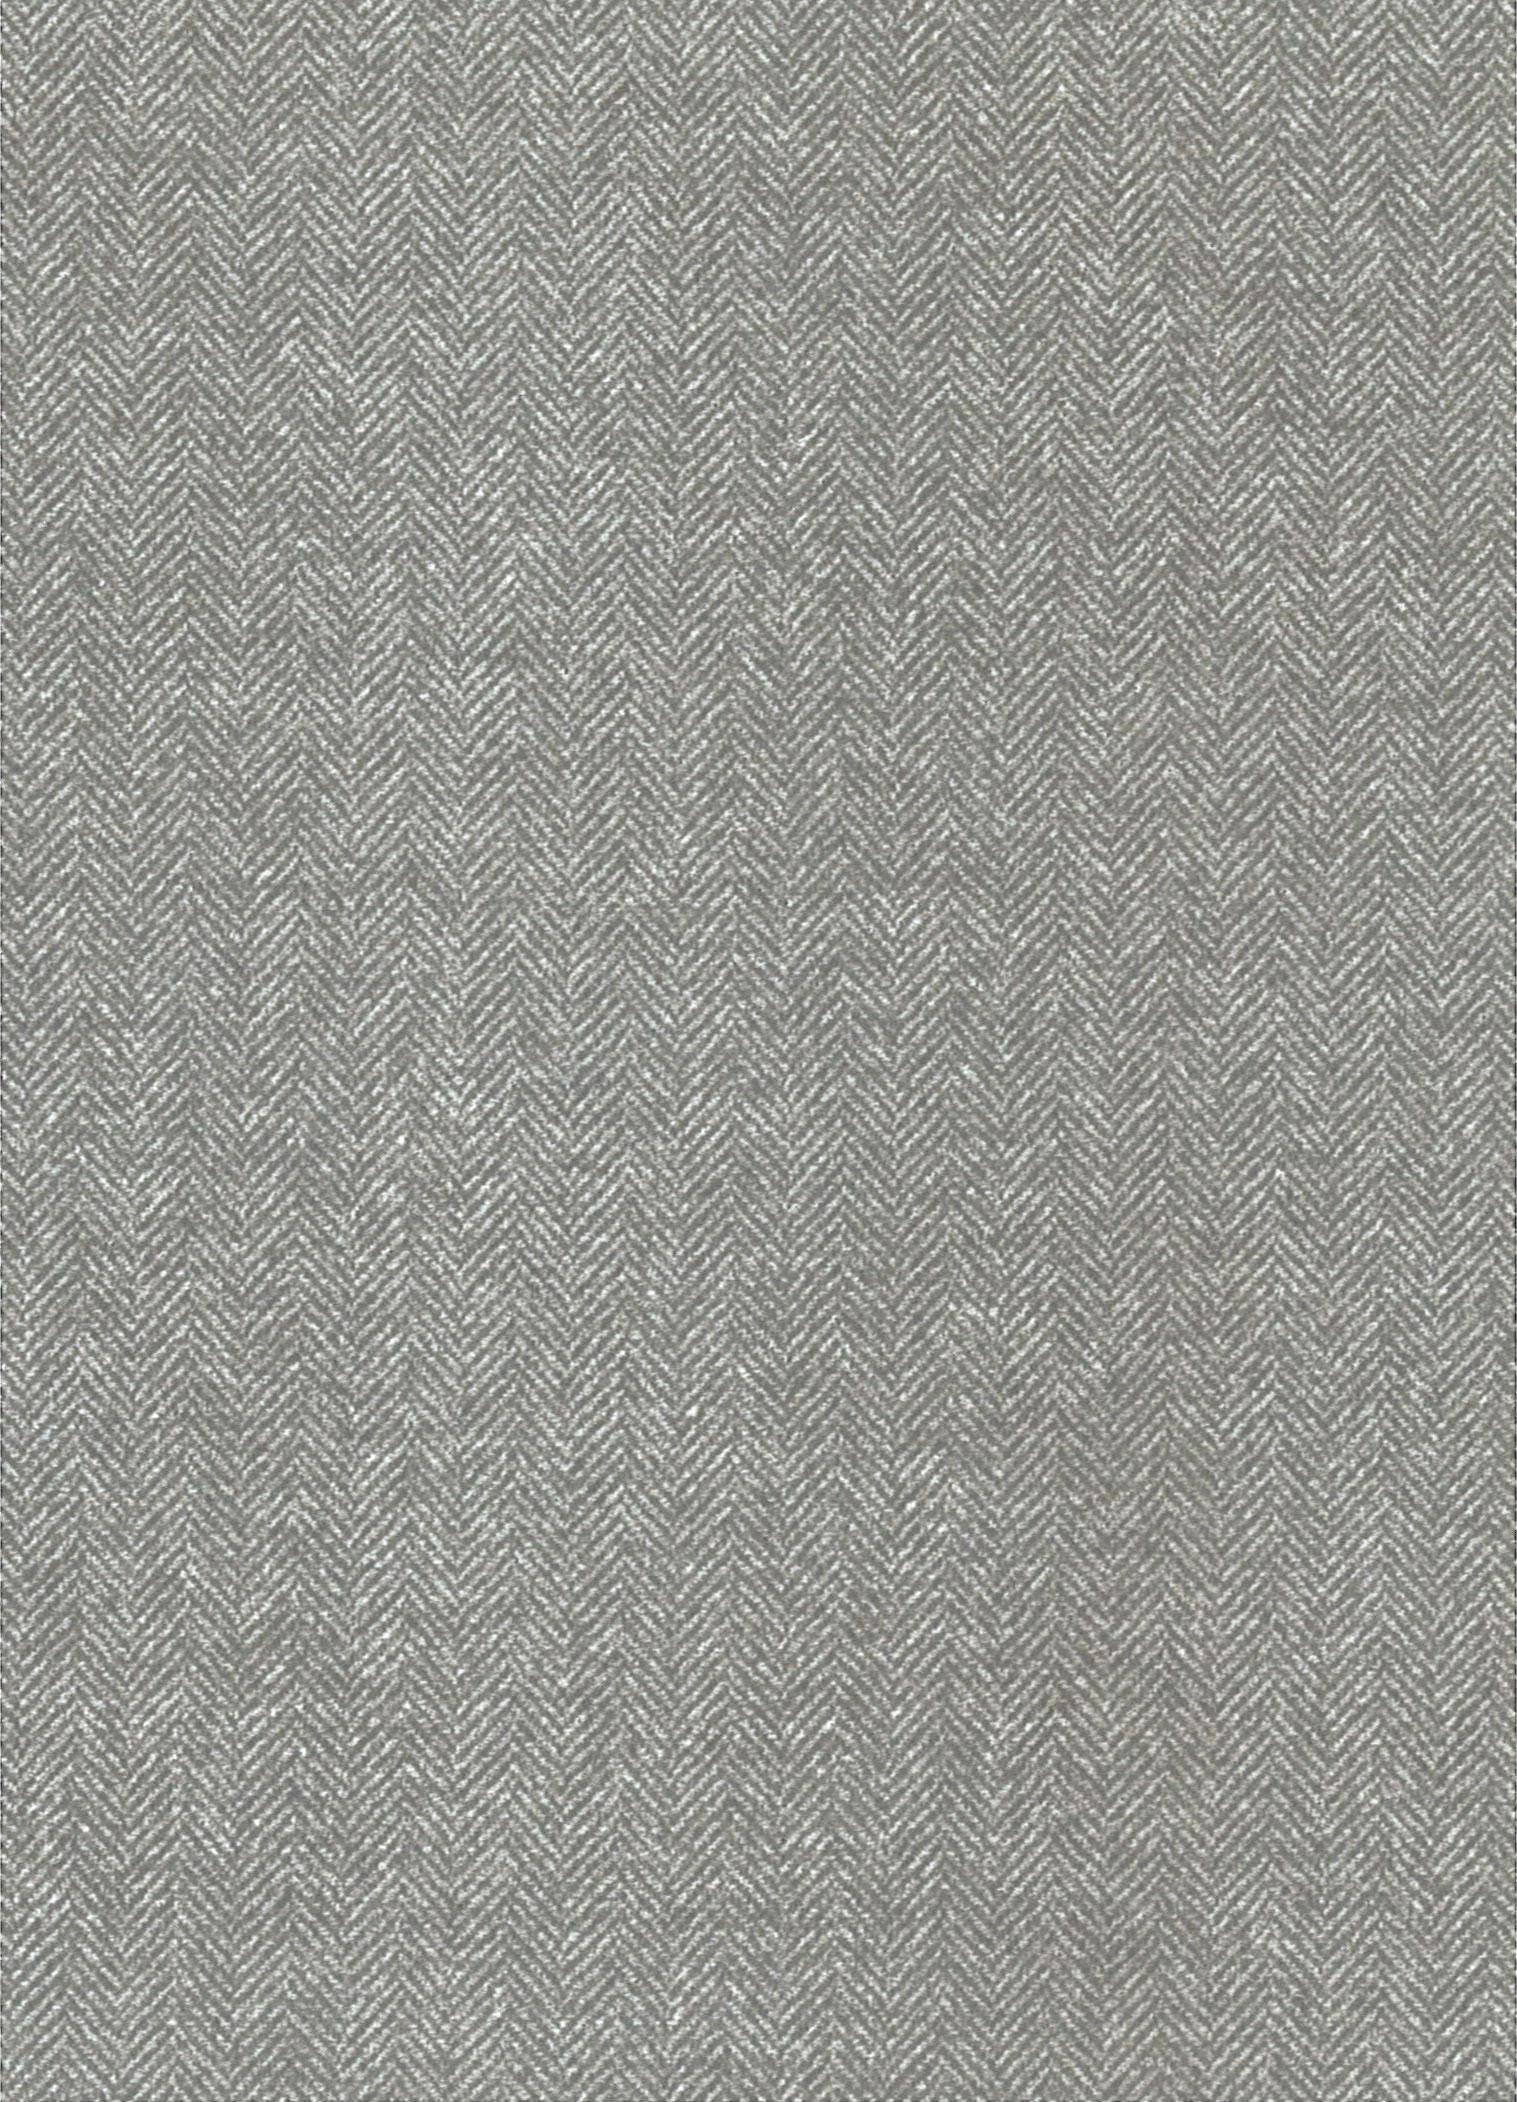 Bal 3410 W Herringbone Grey Billiona Enterprise